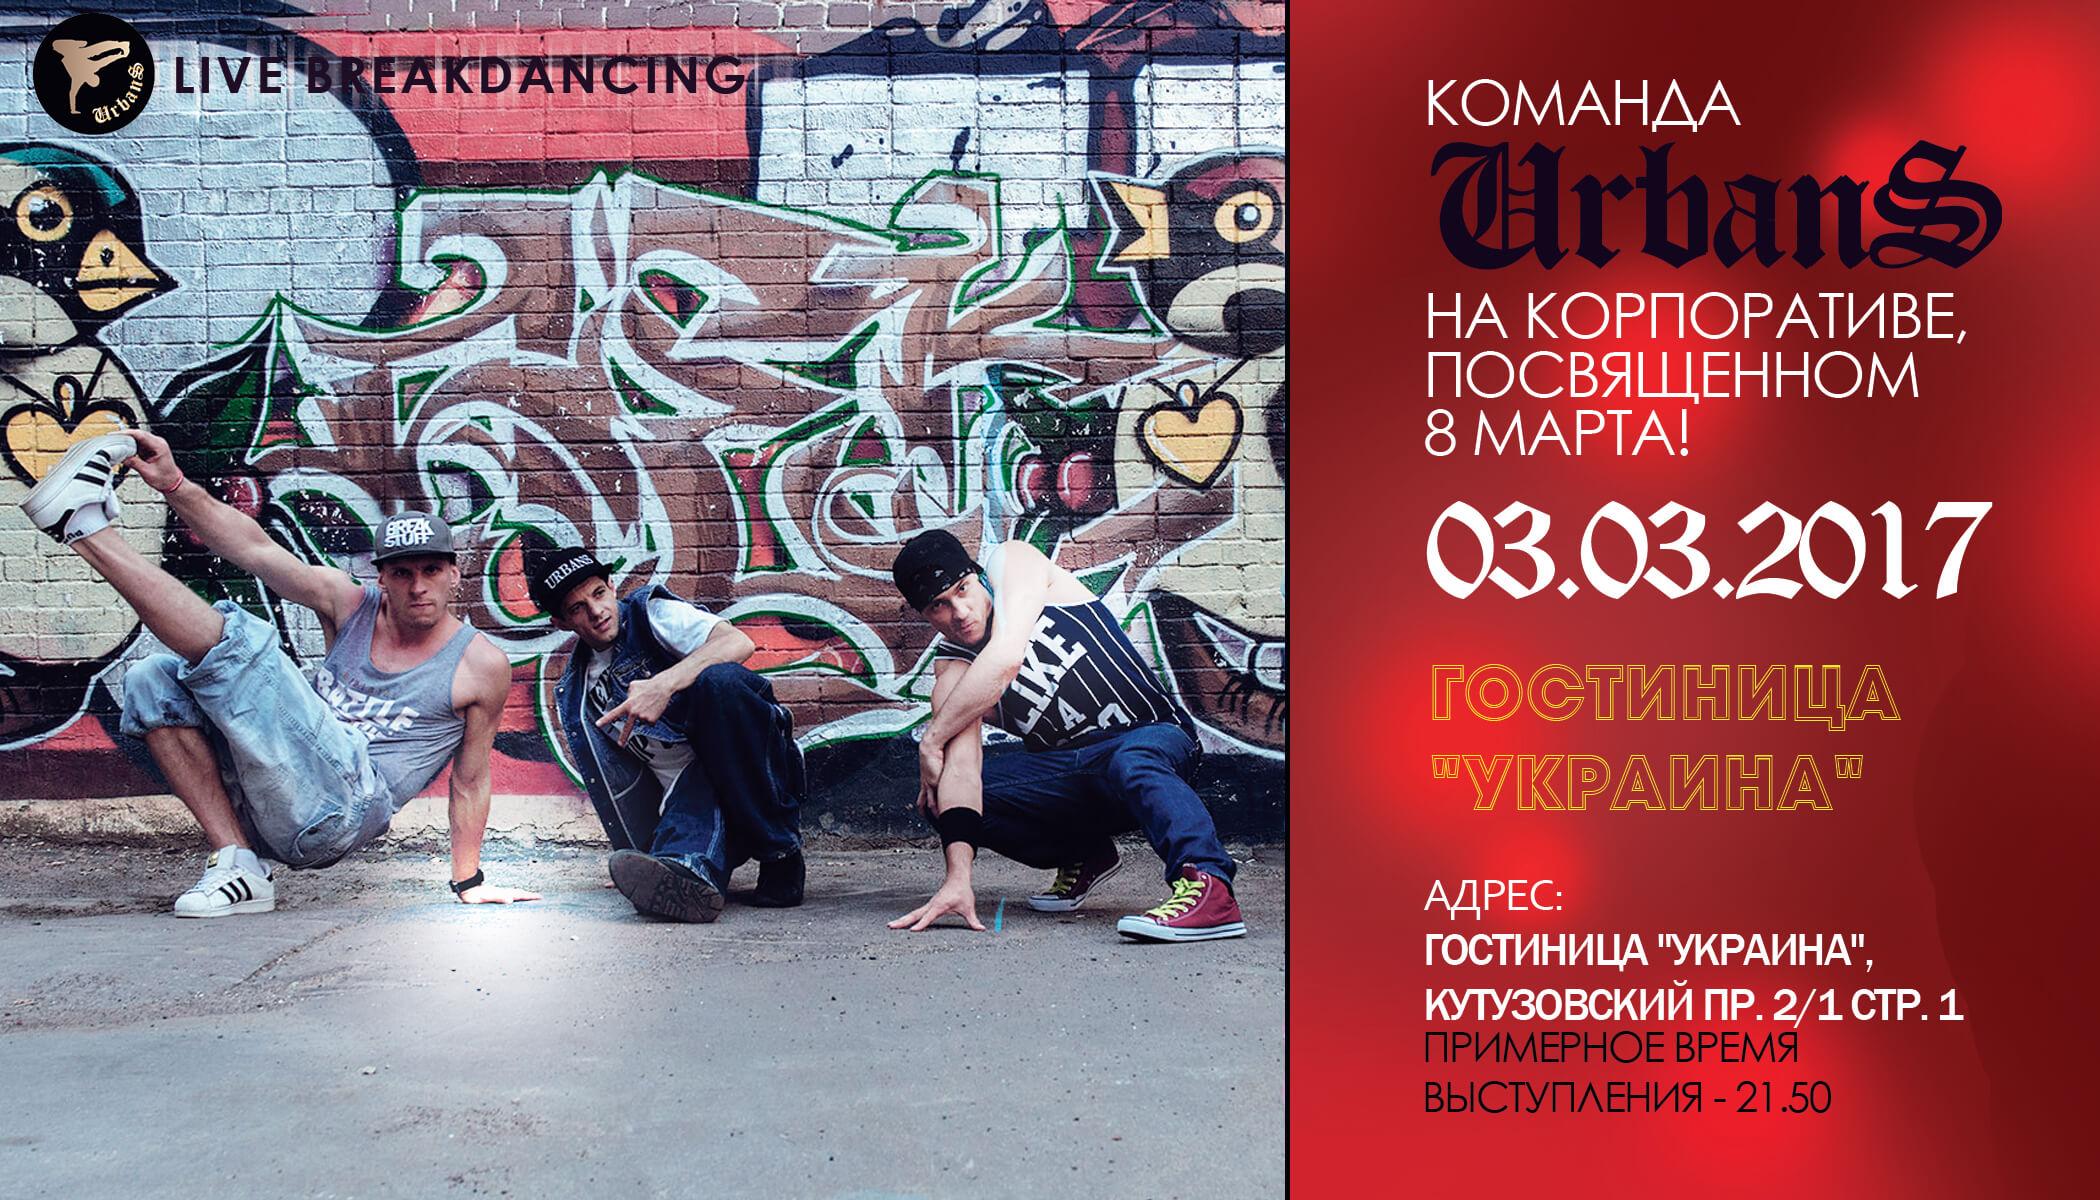 Корпоратив посвященный 8 марта, гостиница Украина